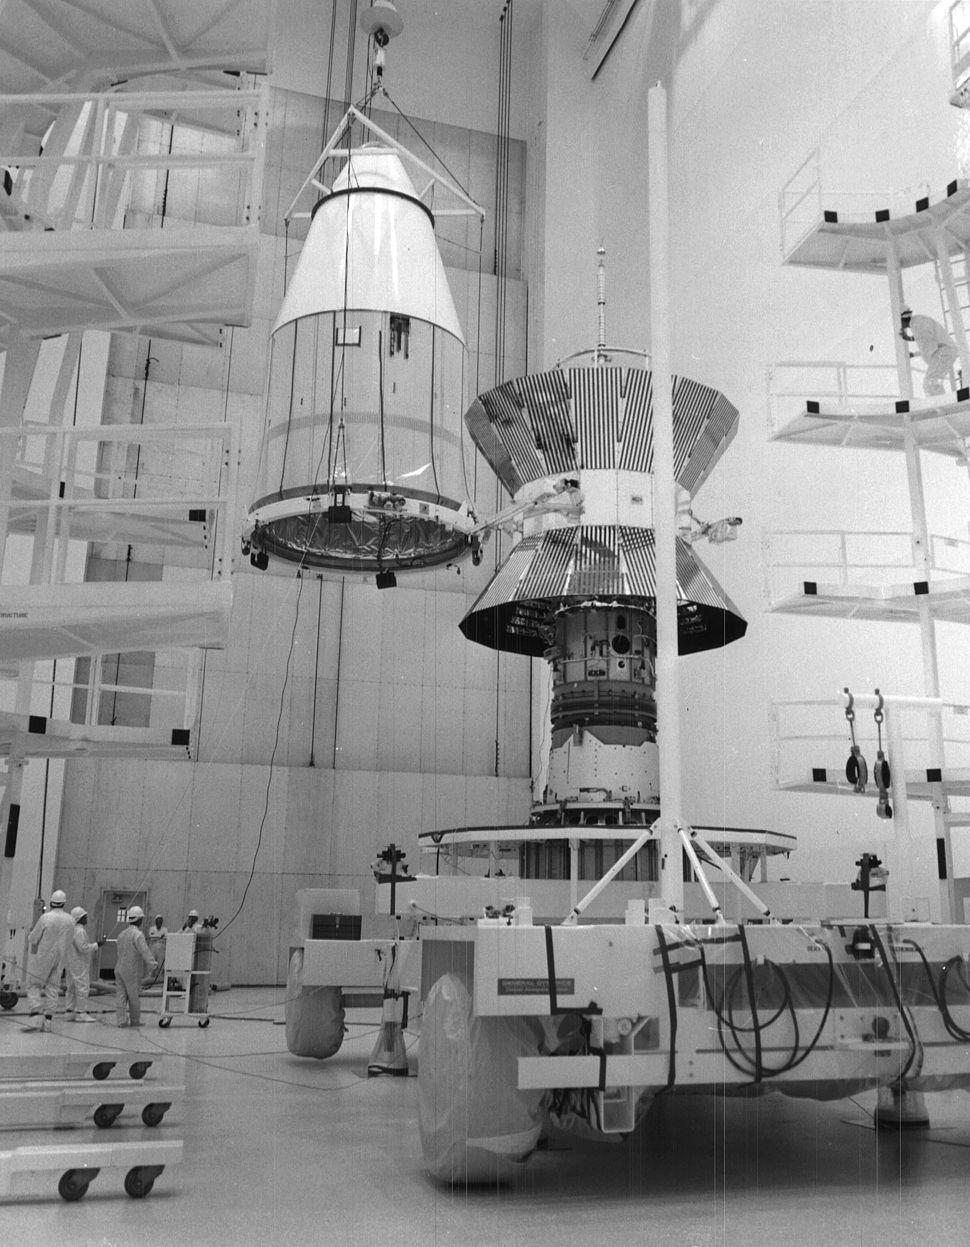 Helios spacecraft 2